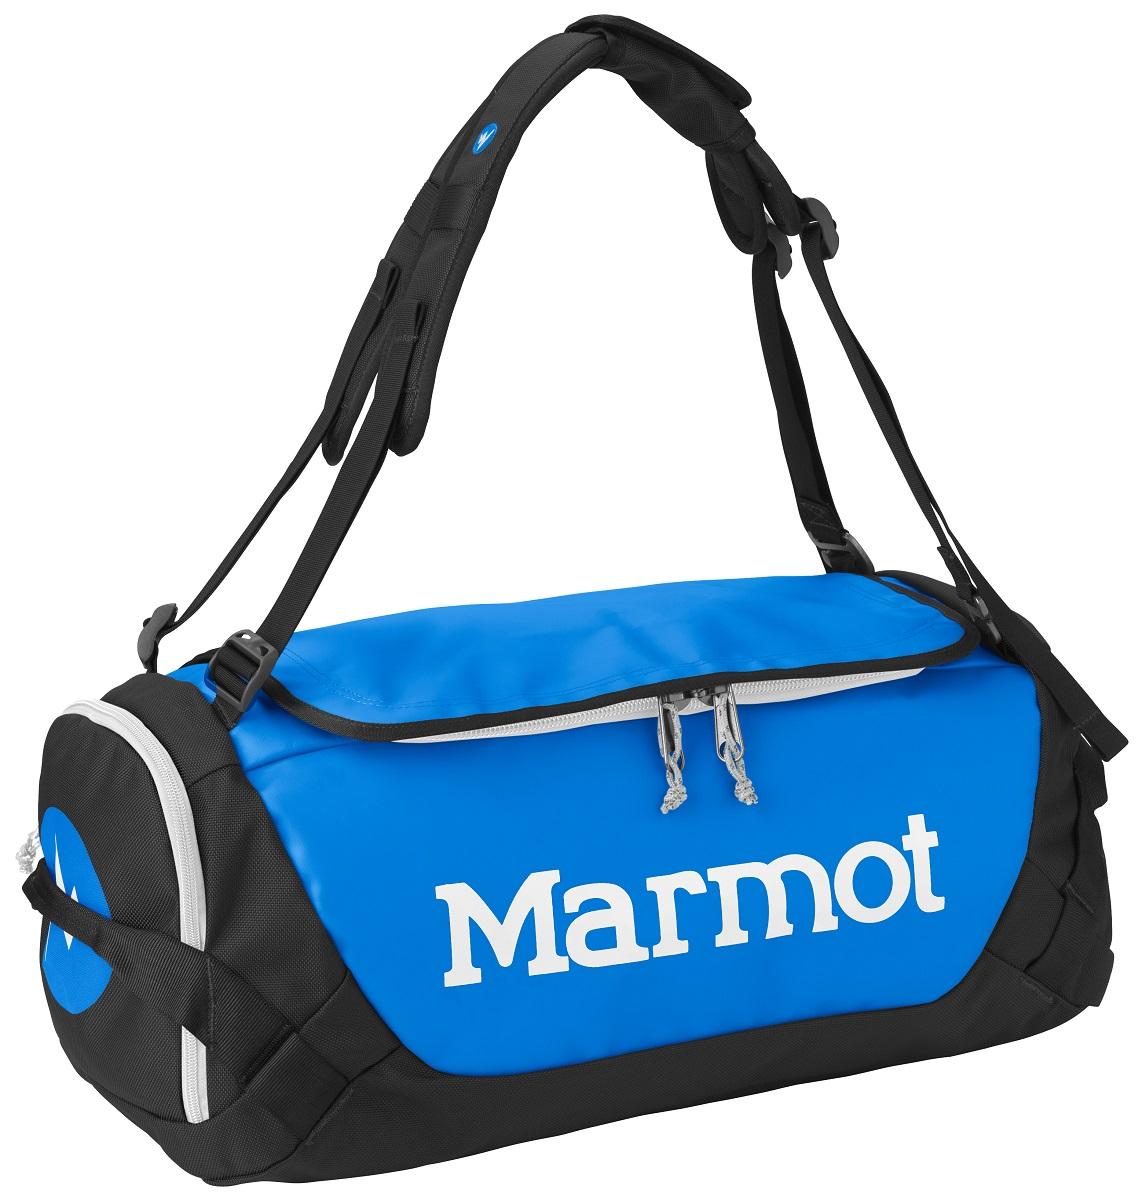 Сумка дорожная Marmot Long Hauler Duffle Bag Small, цвет: синий, 38 л26260-2764-SПрочная дорожная сумка Marmot Long Hauler Duffel Bag Large имеет возможность переноски в виде рюкзака. Выполнена из нейлона и полиэстера. Сумка оснащена ремнем через плечо, и ручками для переноски.Особенности:- D-образная верхняя молния с с водозащитной планкой..- Съемные плечевые лямки трансформируются в ручки для переноски.- Торцевой карман на молнии для мелочей.- Внутренние карманы.- Двойной слой ткани на дне для износостойкости.- Петли для переноски расположены с обеих сторон.